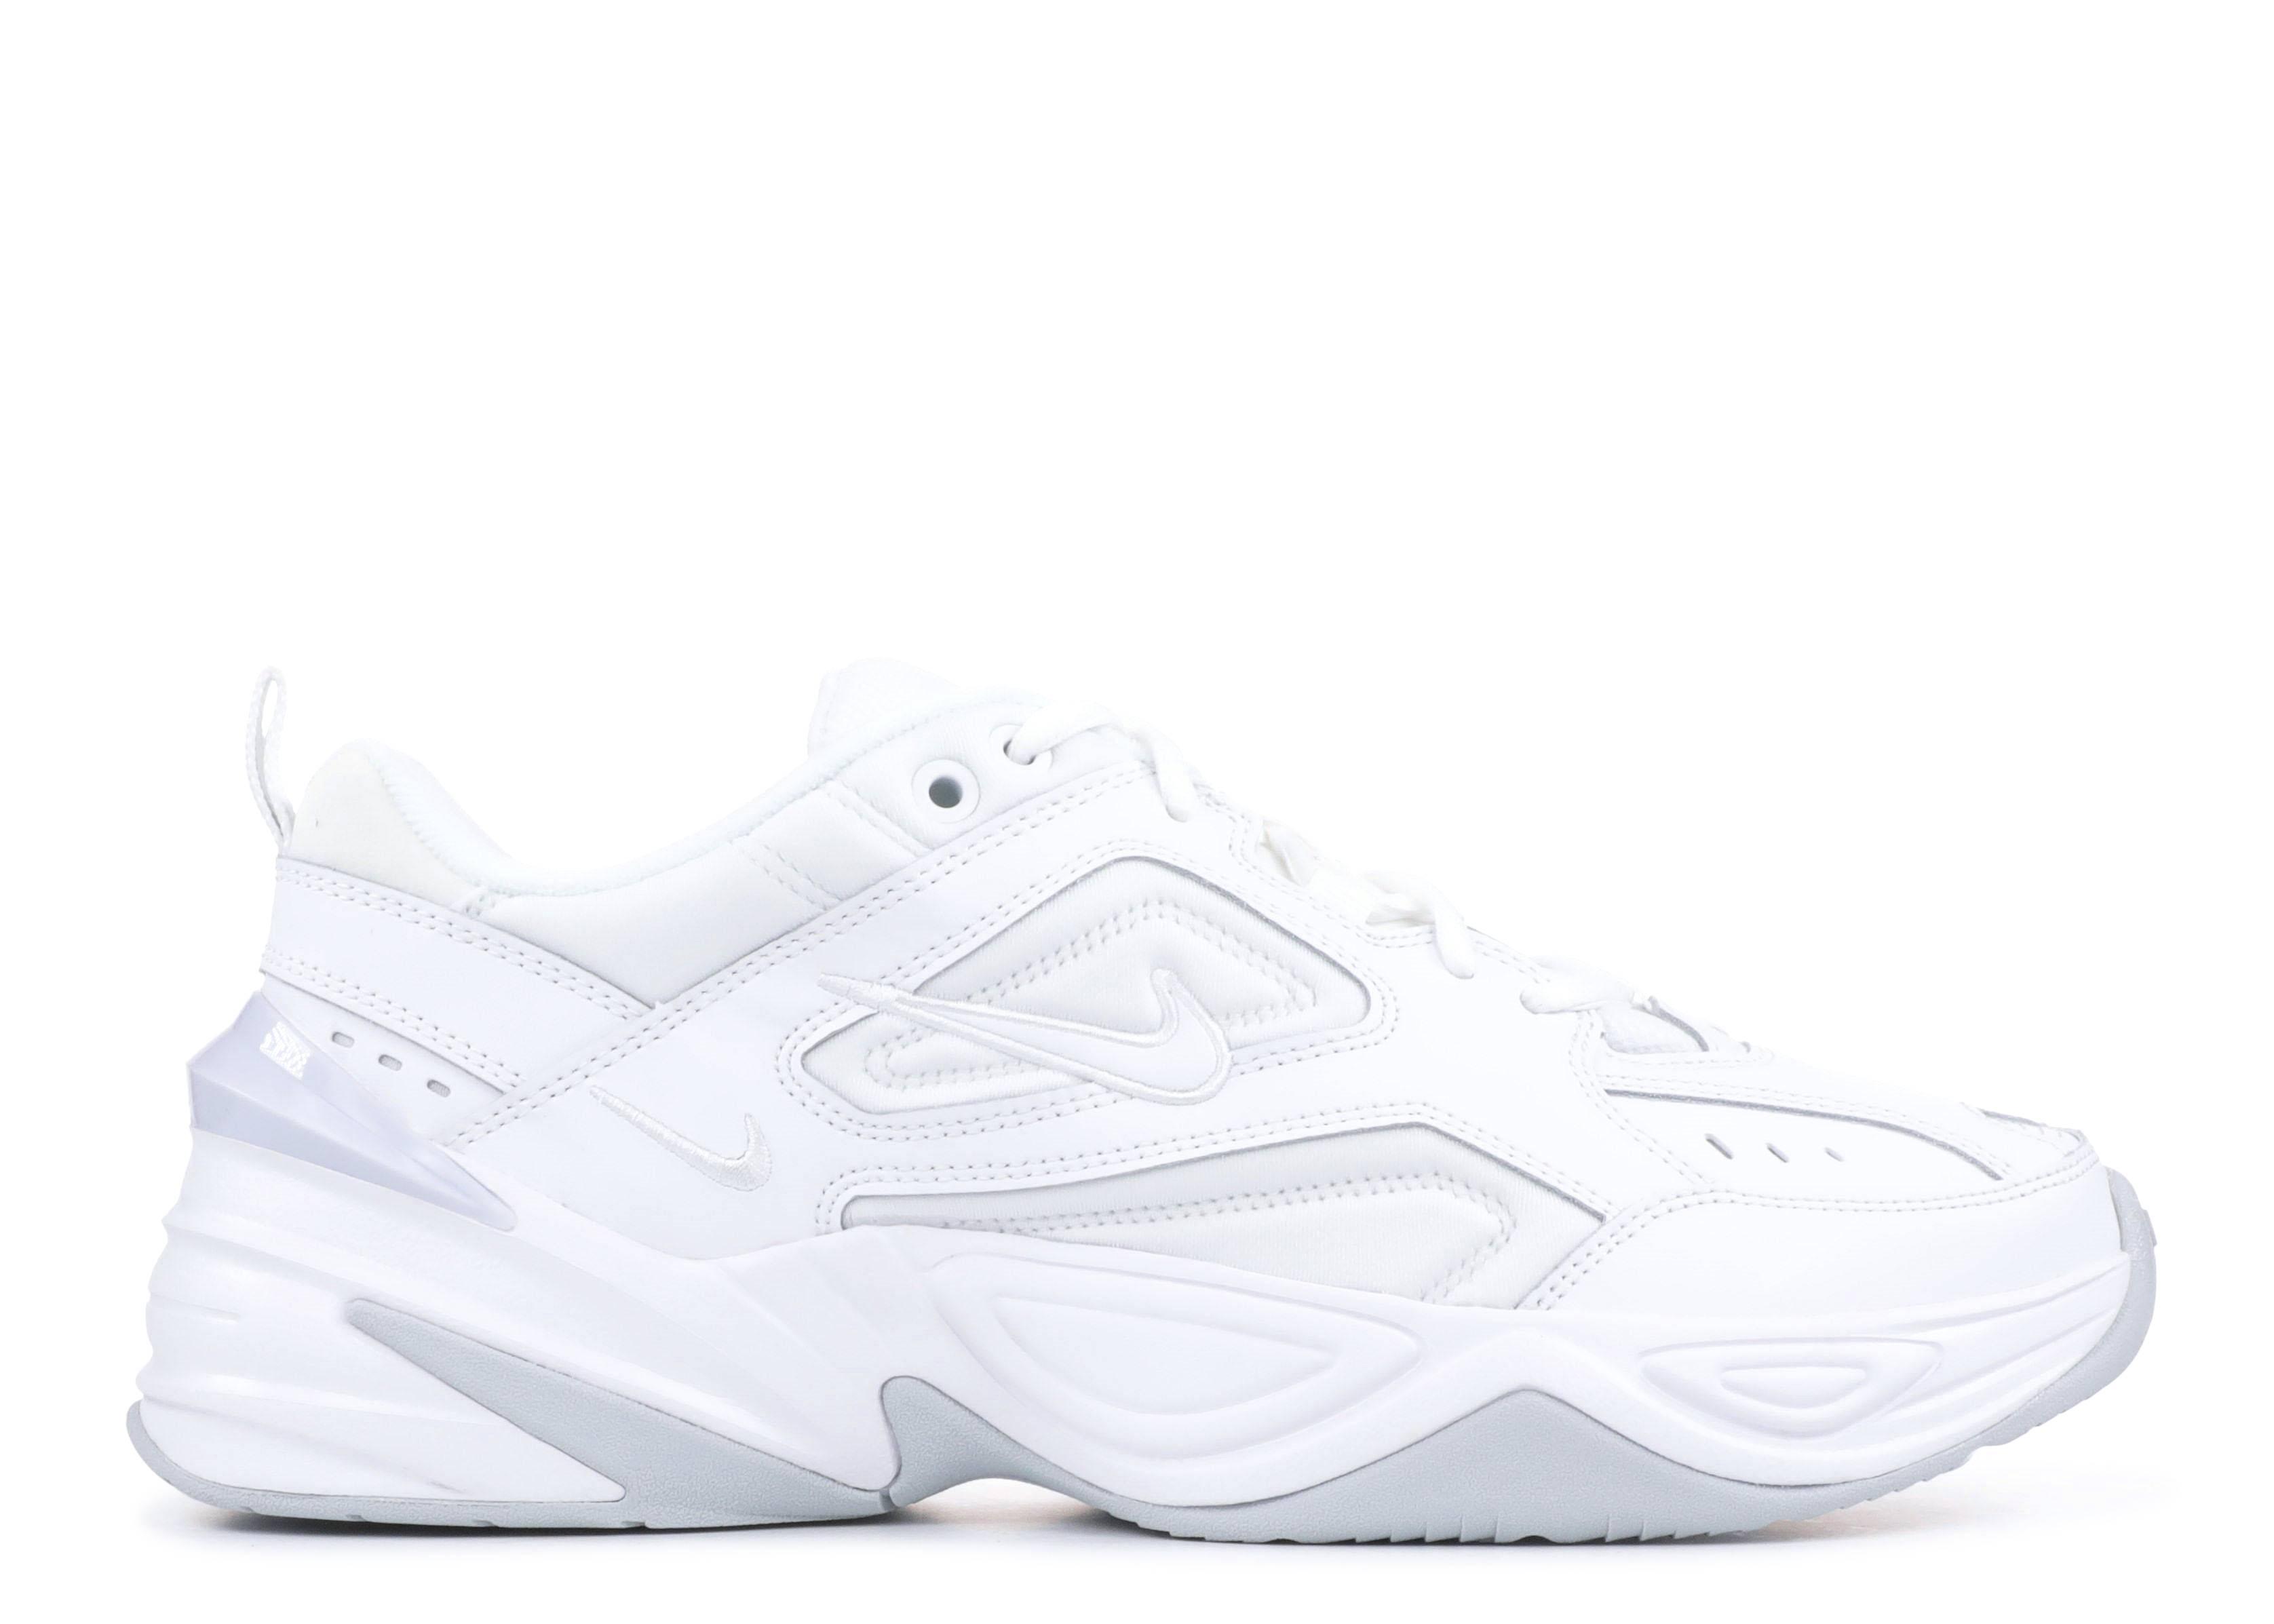 5b7da0a43891 W Nike M2K Tekno - Nike - AO3108 100 - white white-pure platinum ...